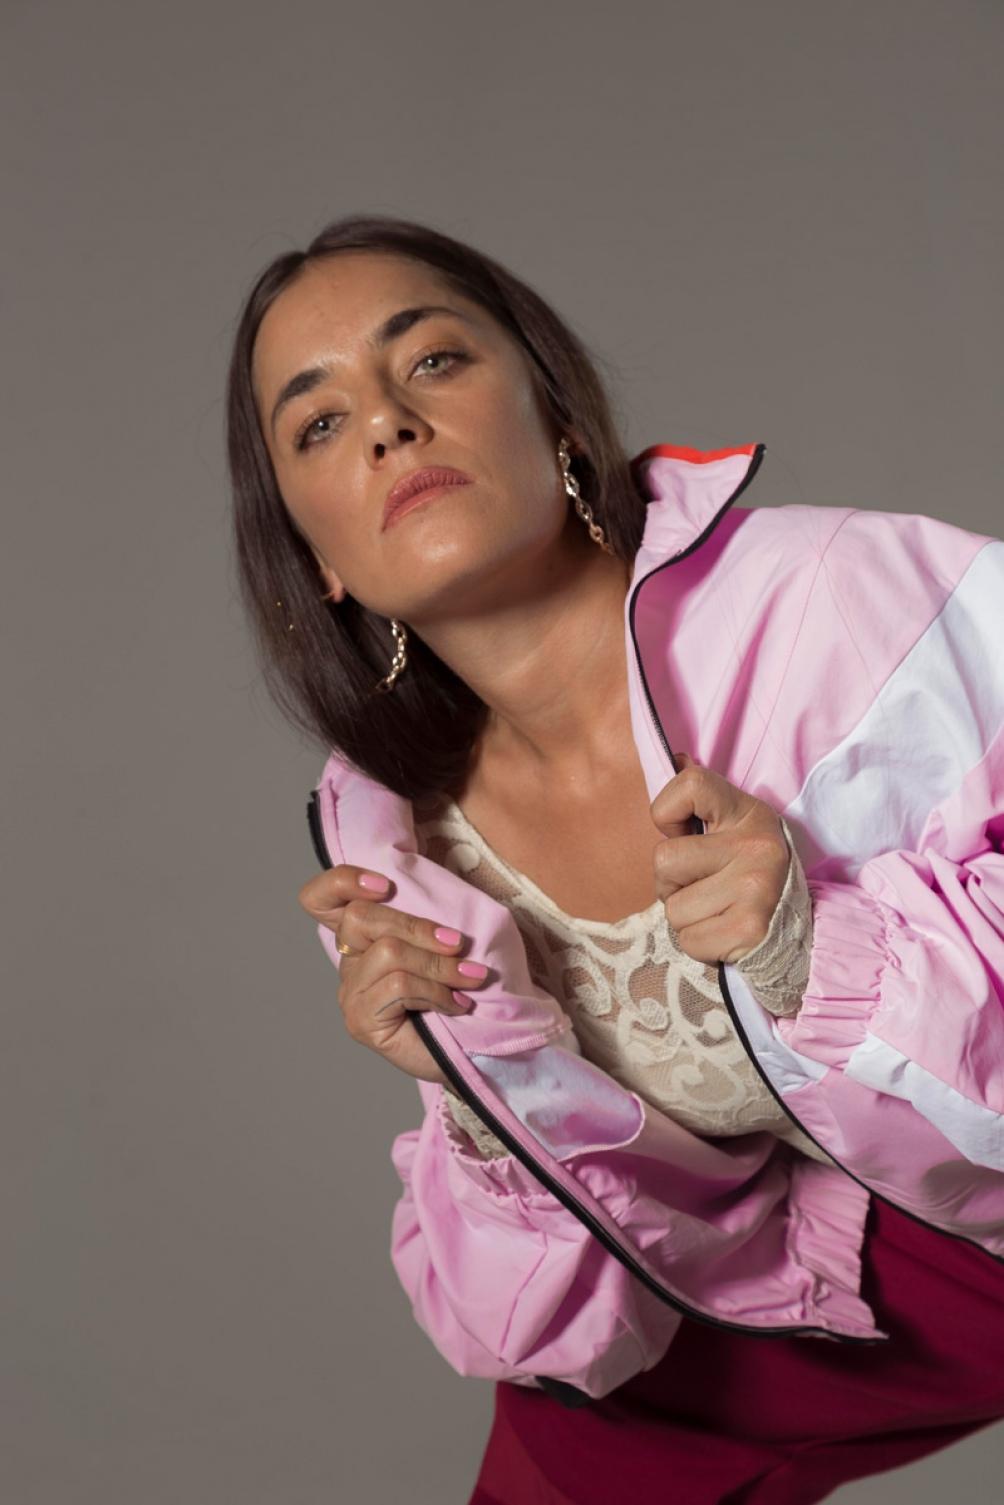 La cantante destaca la fuerza de las mujeres que hacen música urbana latina, como Nathy Pelusso.